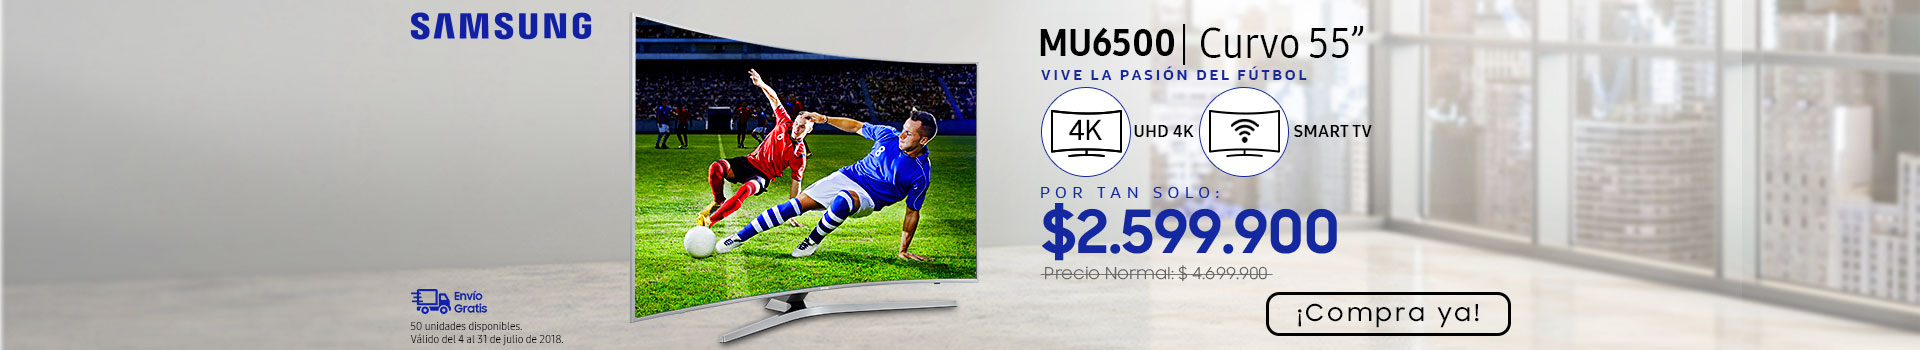 AK-KT-BCAT-1-TV-PP---Samsung-55MU6500-Jul13